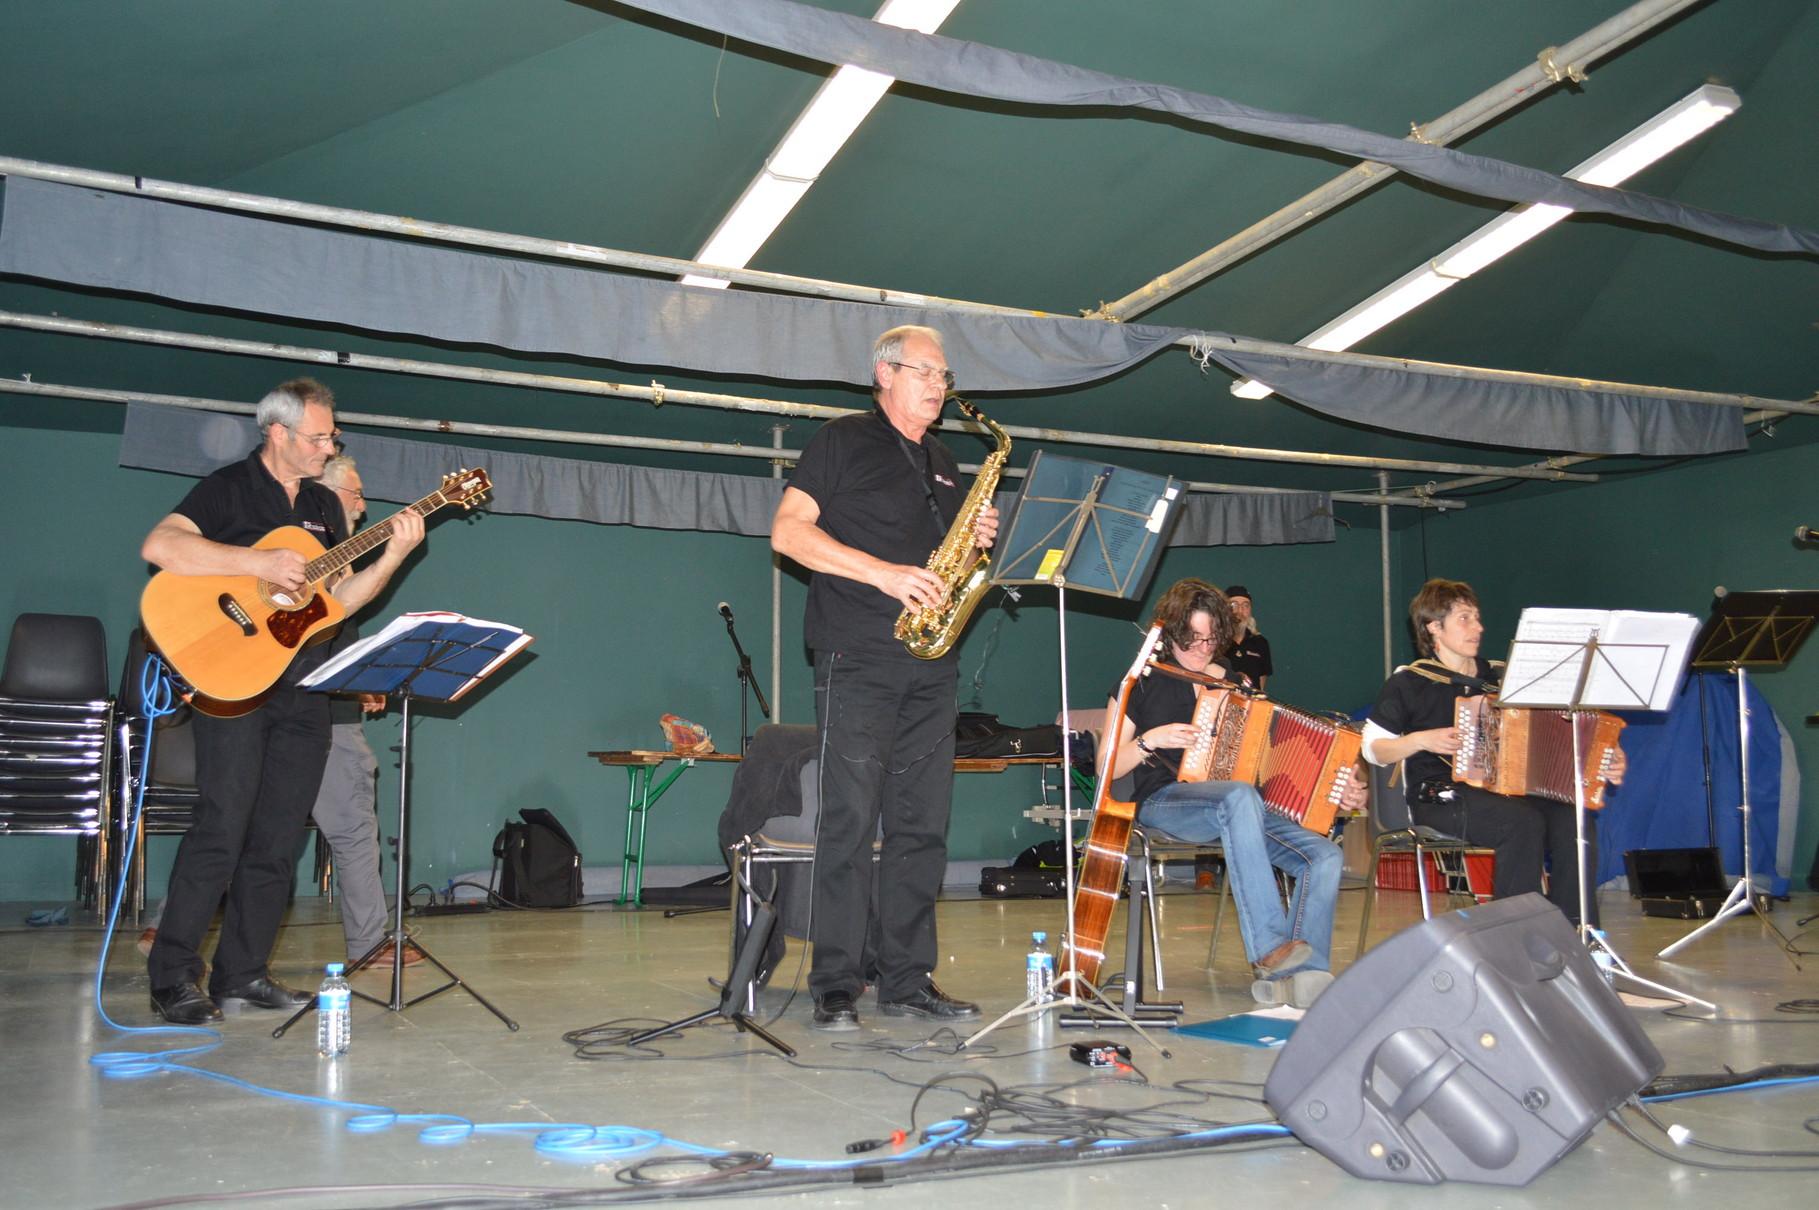 Le groupe GWEZH à la guitare Denis, aux accordéons Annie et Aurélie et au saxophone Laurent